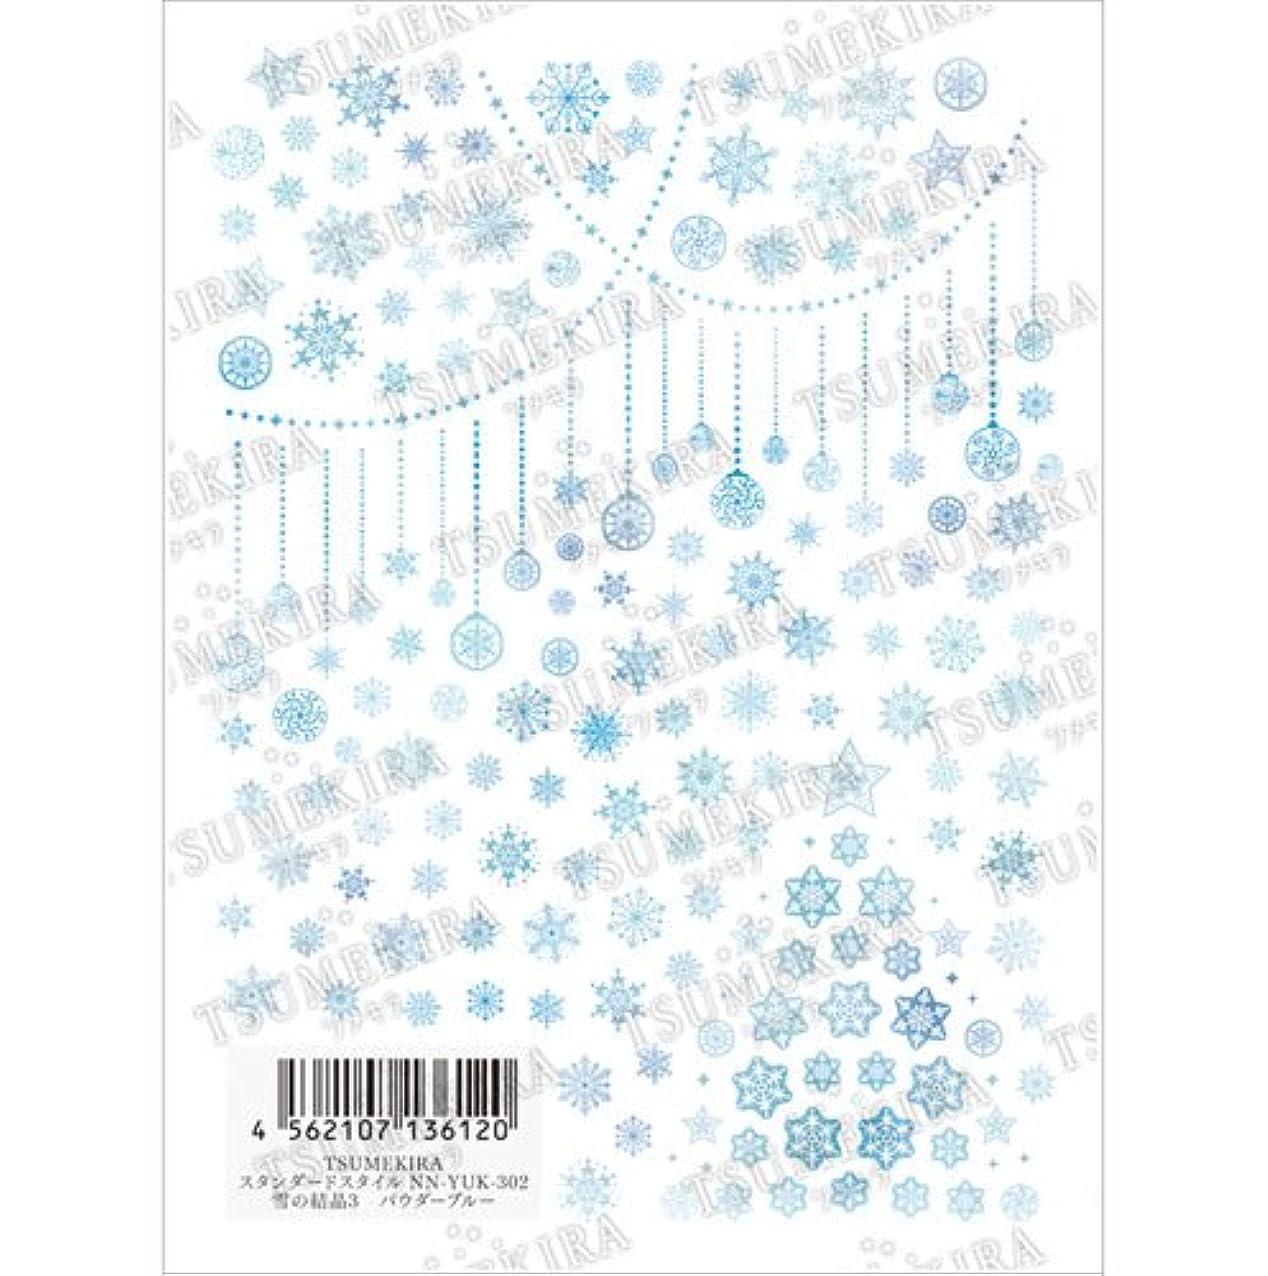 辞書本質的ではないと闘うツメキラ(TSUMEKIRA) ネイル用シール 雪の結晶3 NN-YUK-302